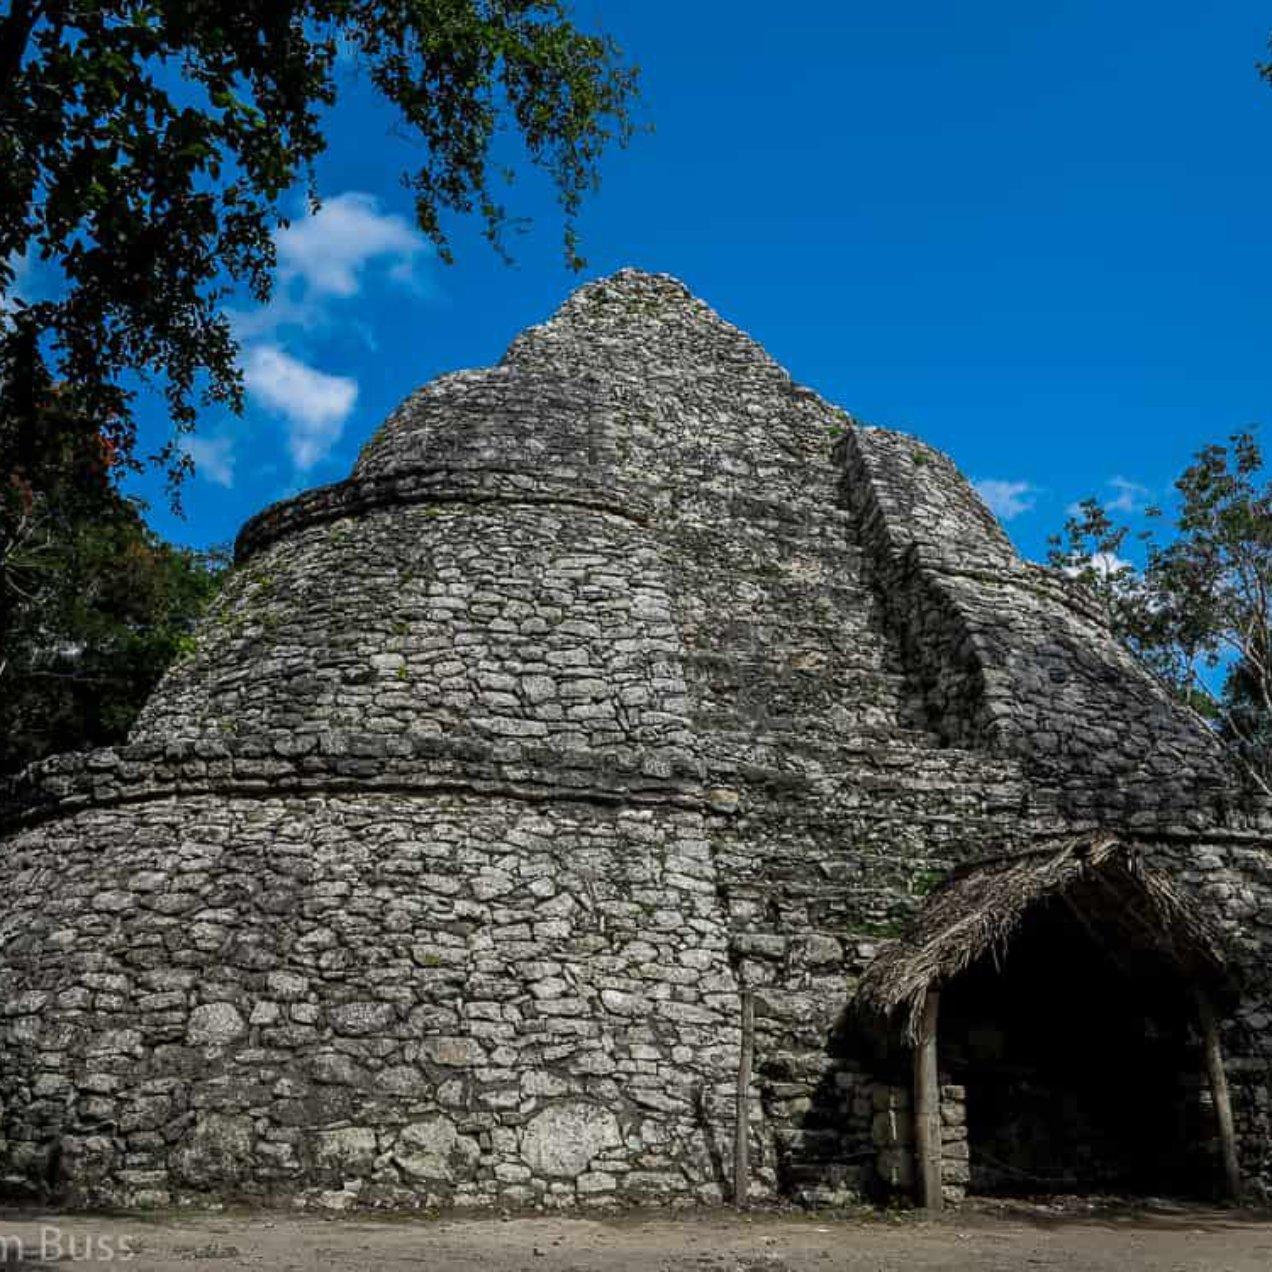 The Mayan Ruins of Coba